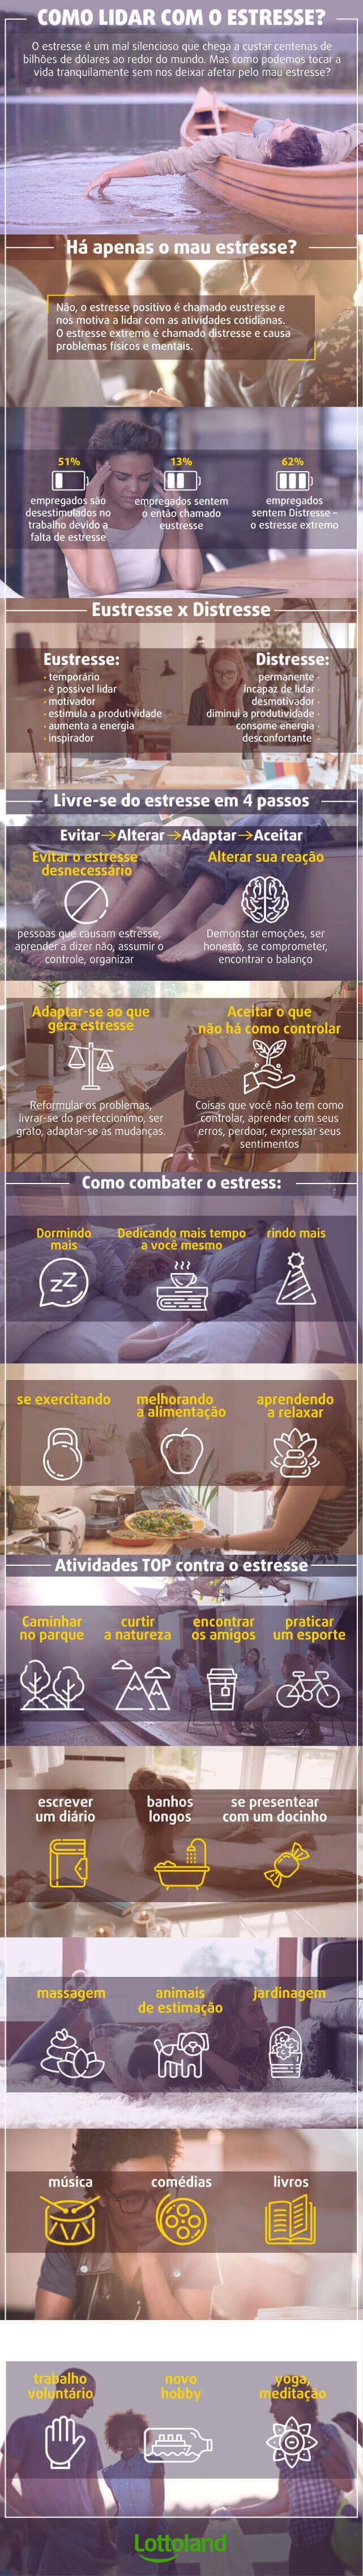 Infográfico sobre como lidar ou eliminar o estresse em sua vida